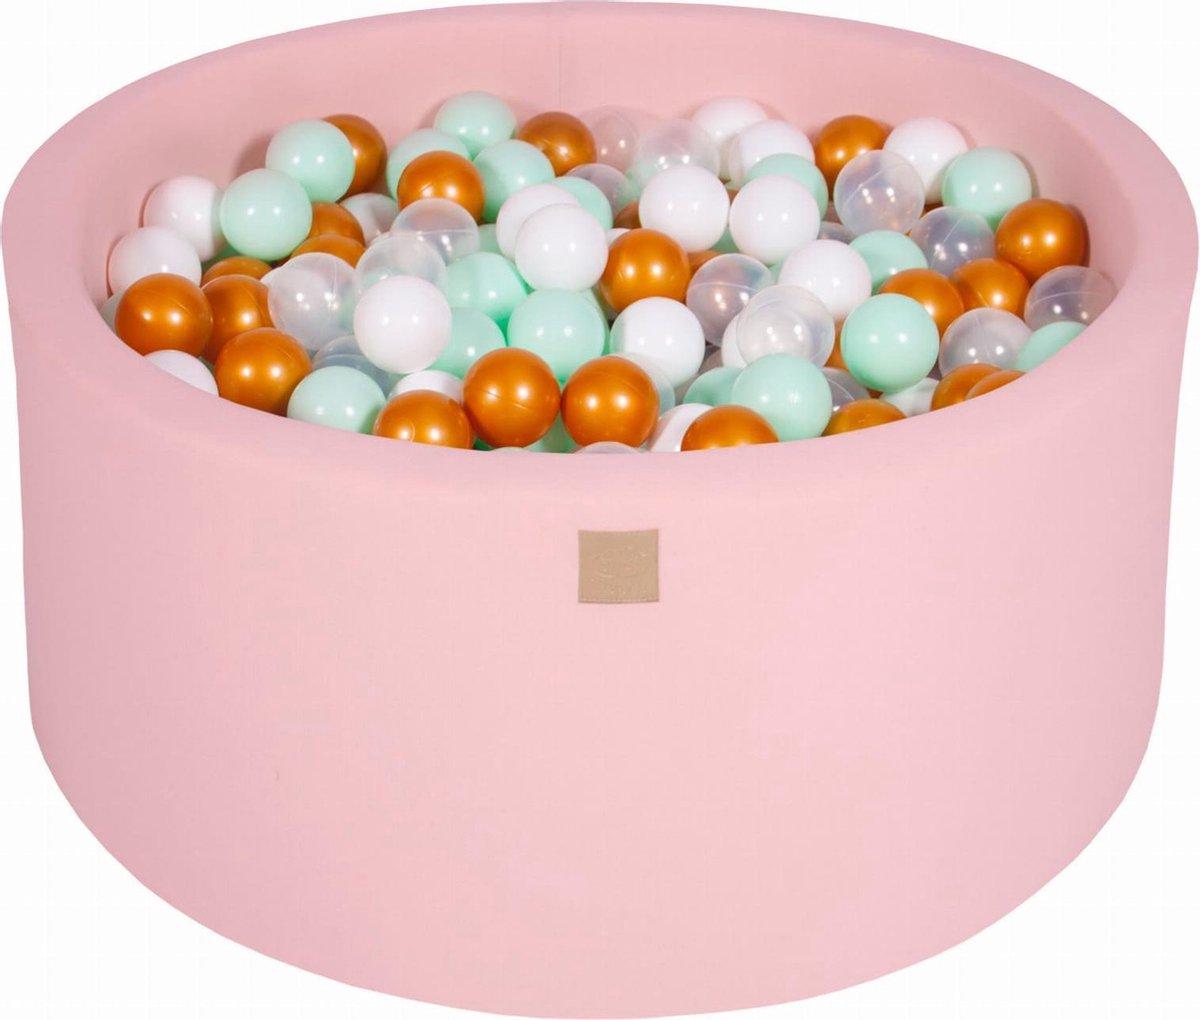 Ronde Ballenbak set incl 300 ballen 90x40cm - Licht Roze: Wit, Goud, Transparant, Mint